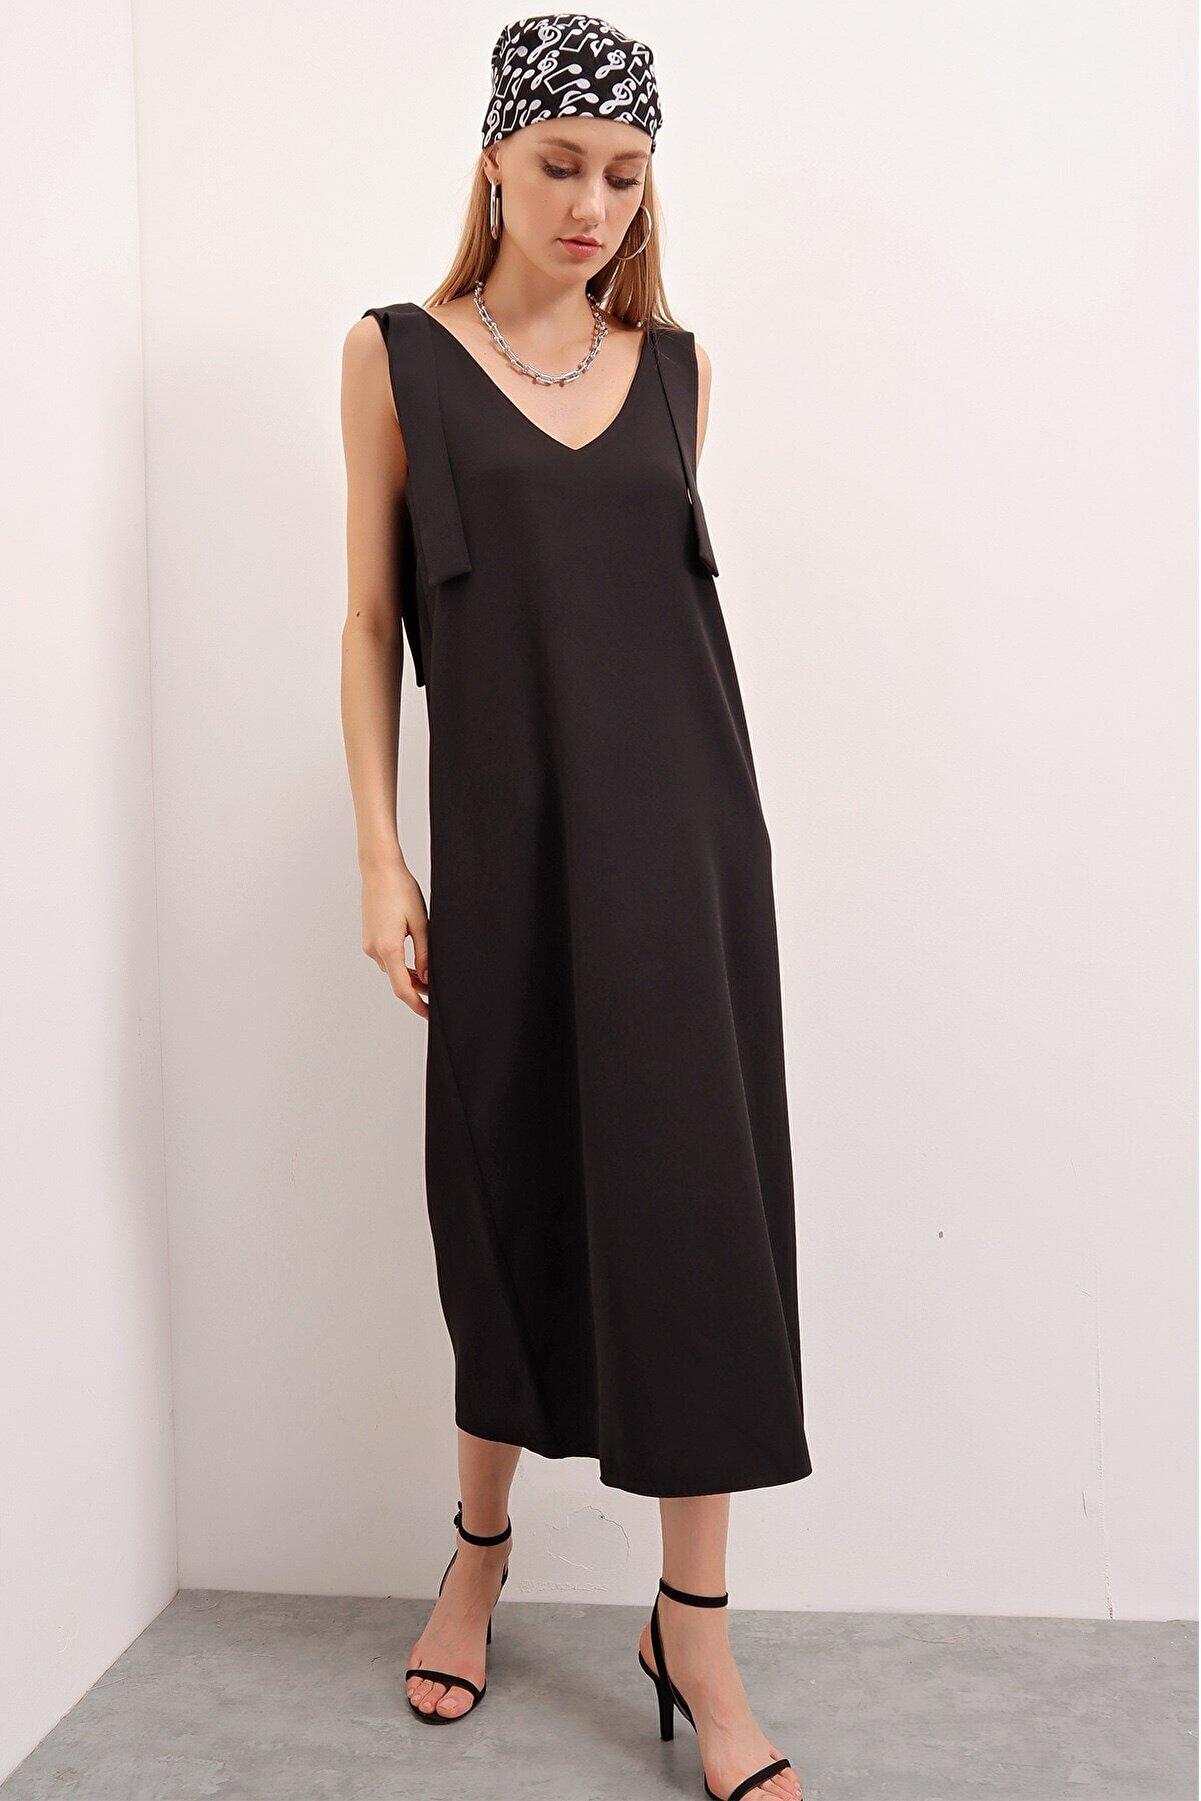 butikburuç Kadın Siyah Omuzdan Bağlamalı Jile Elbise